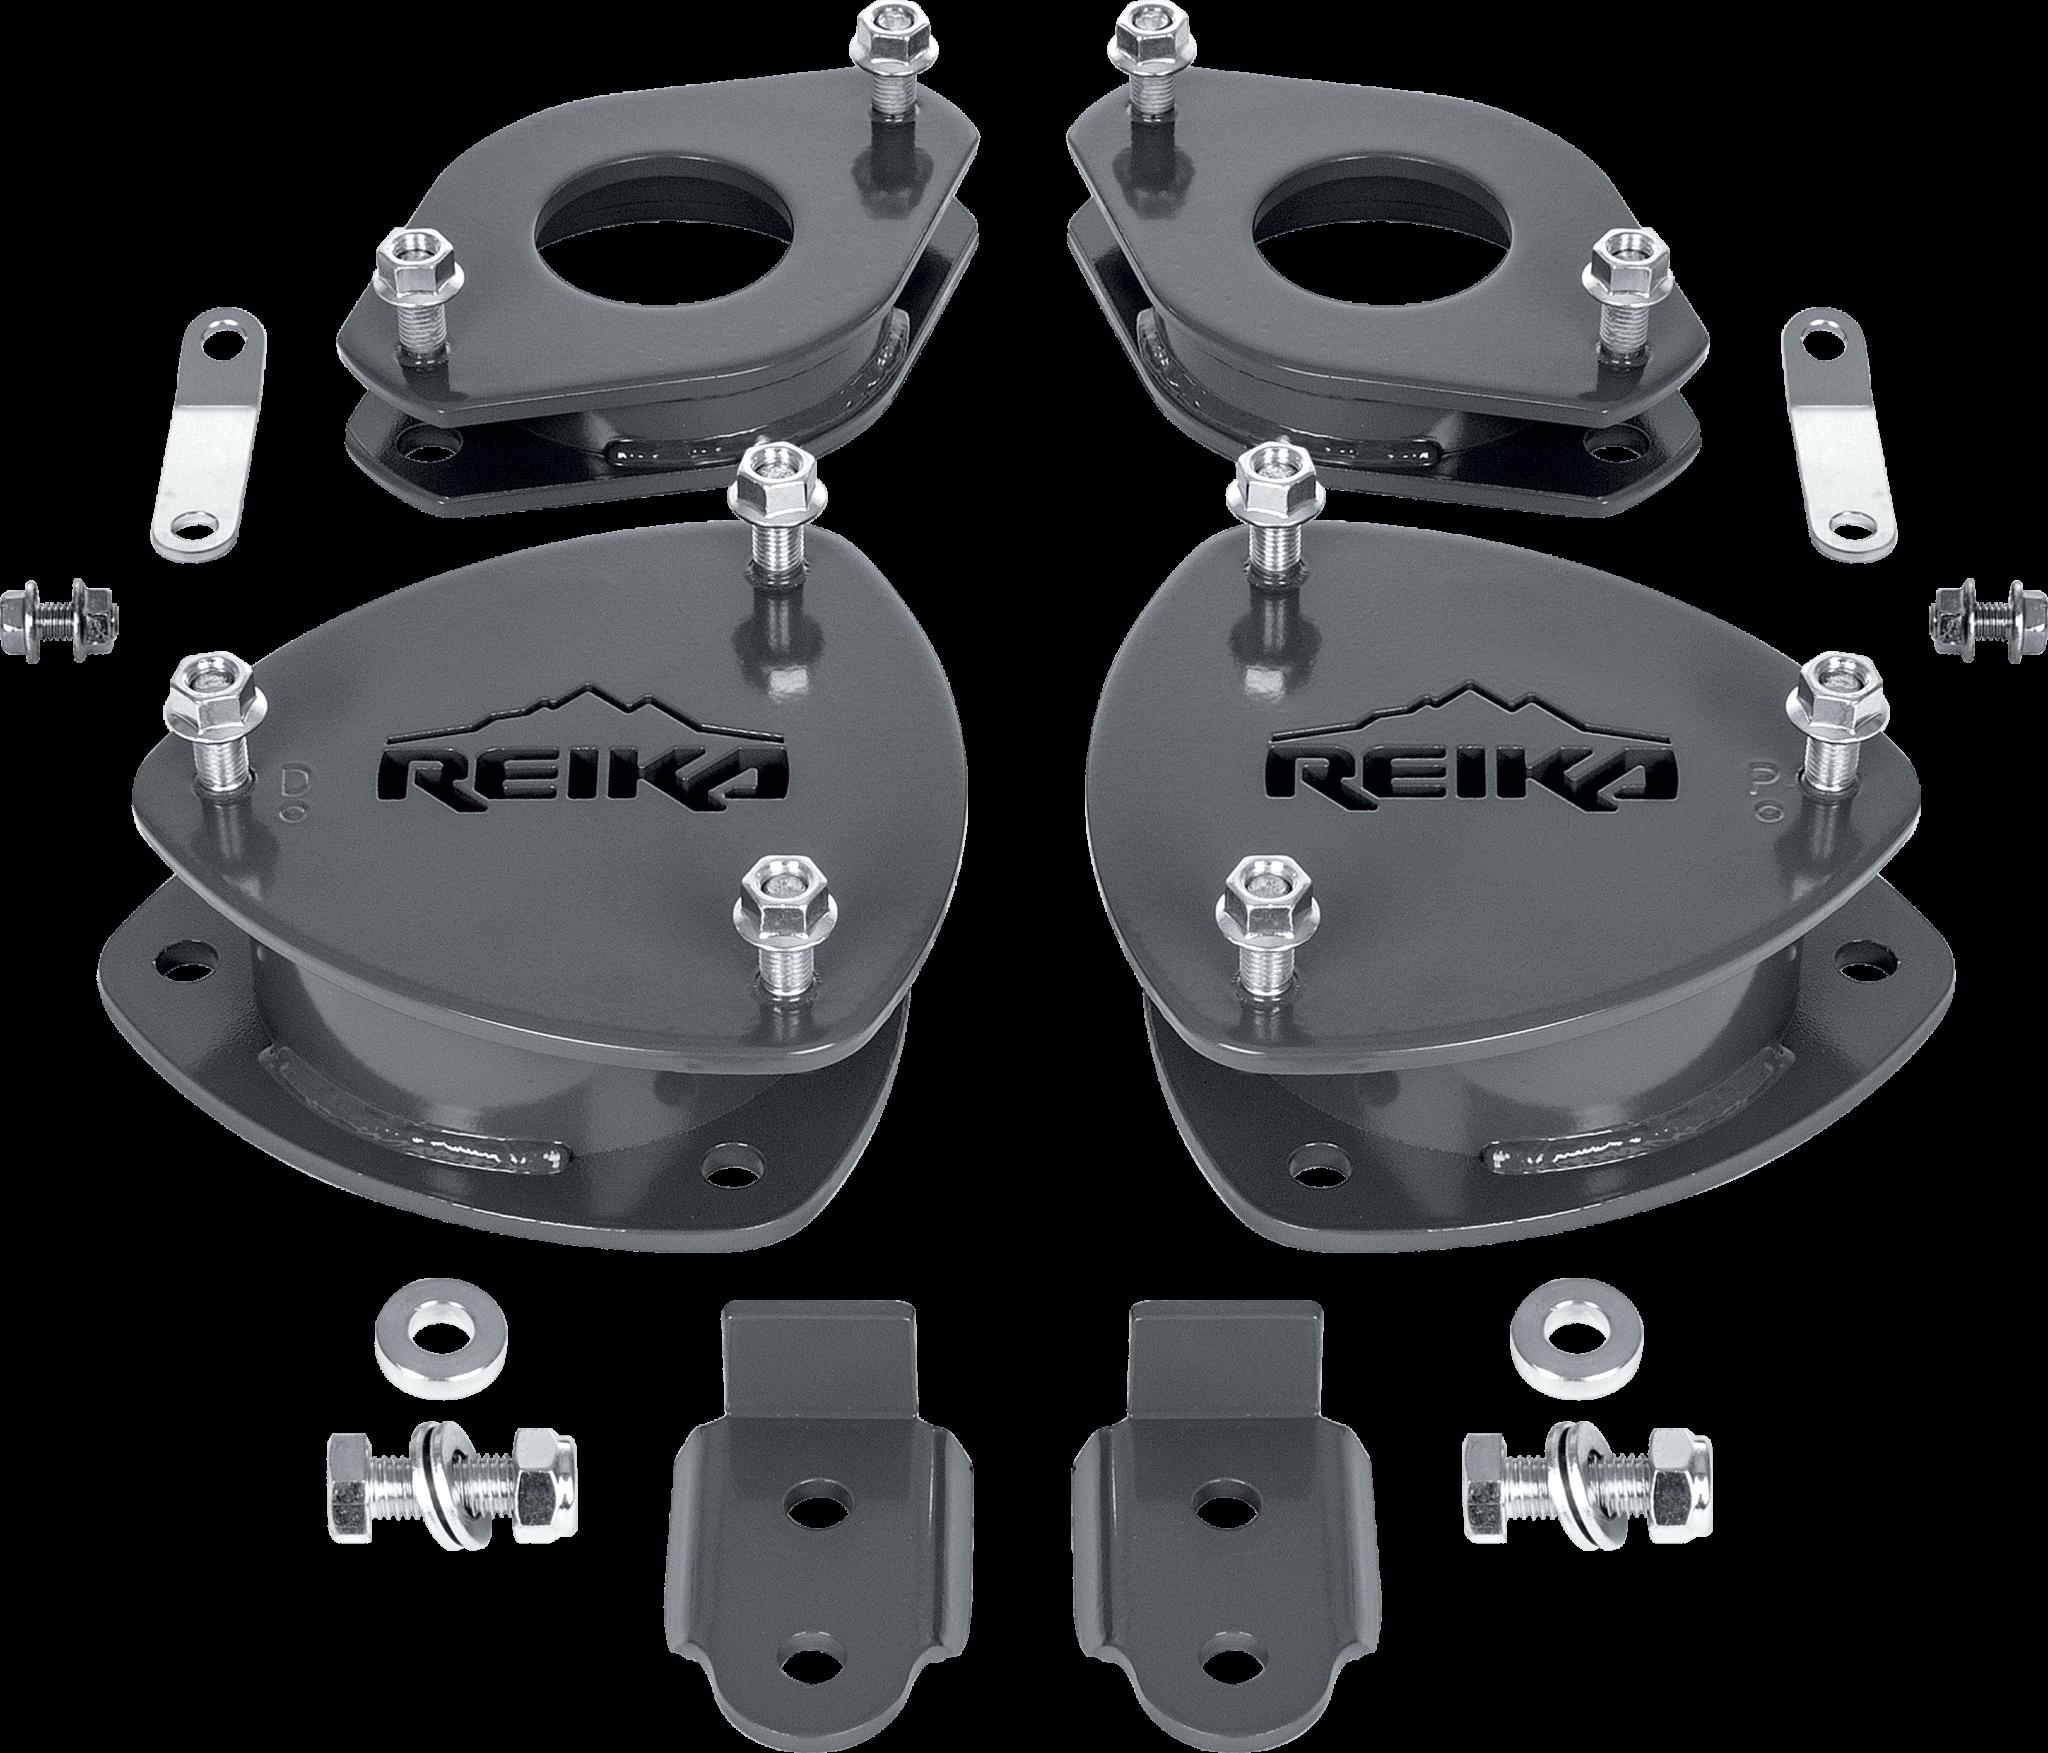 REIKA Lift Kit for CUVs